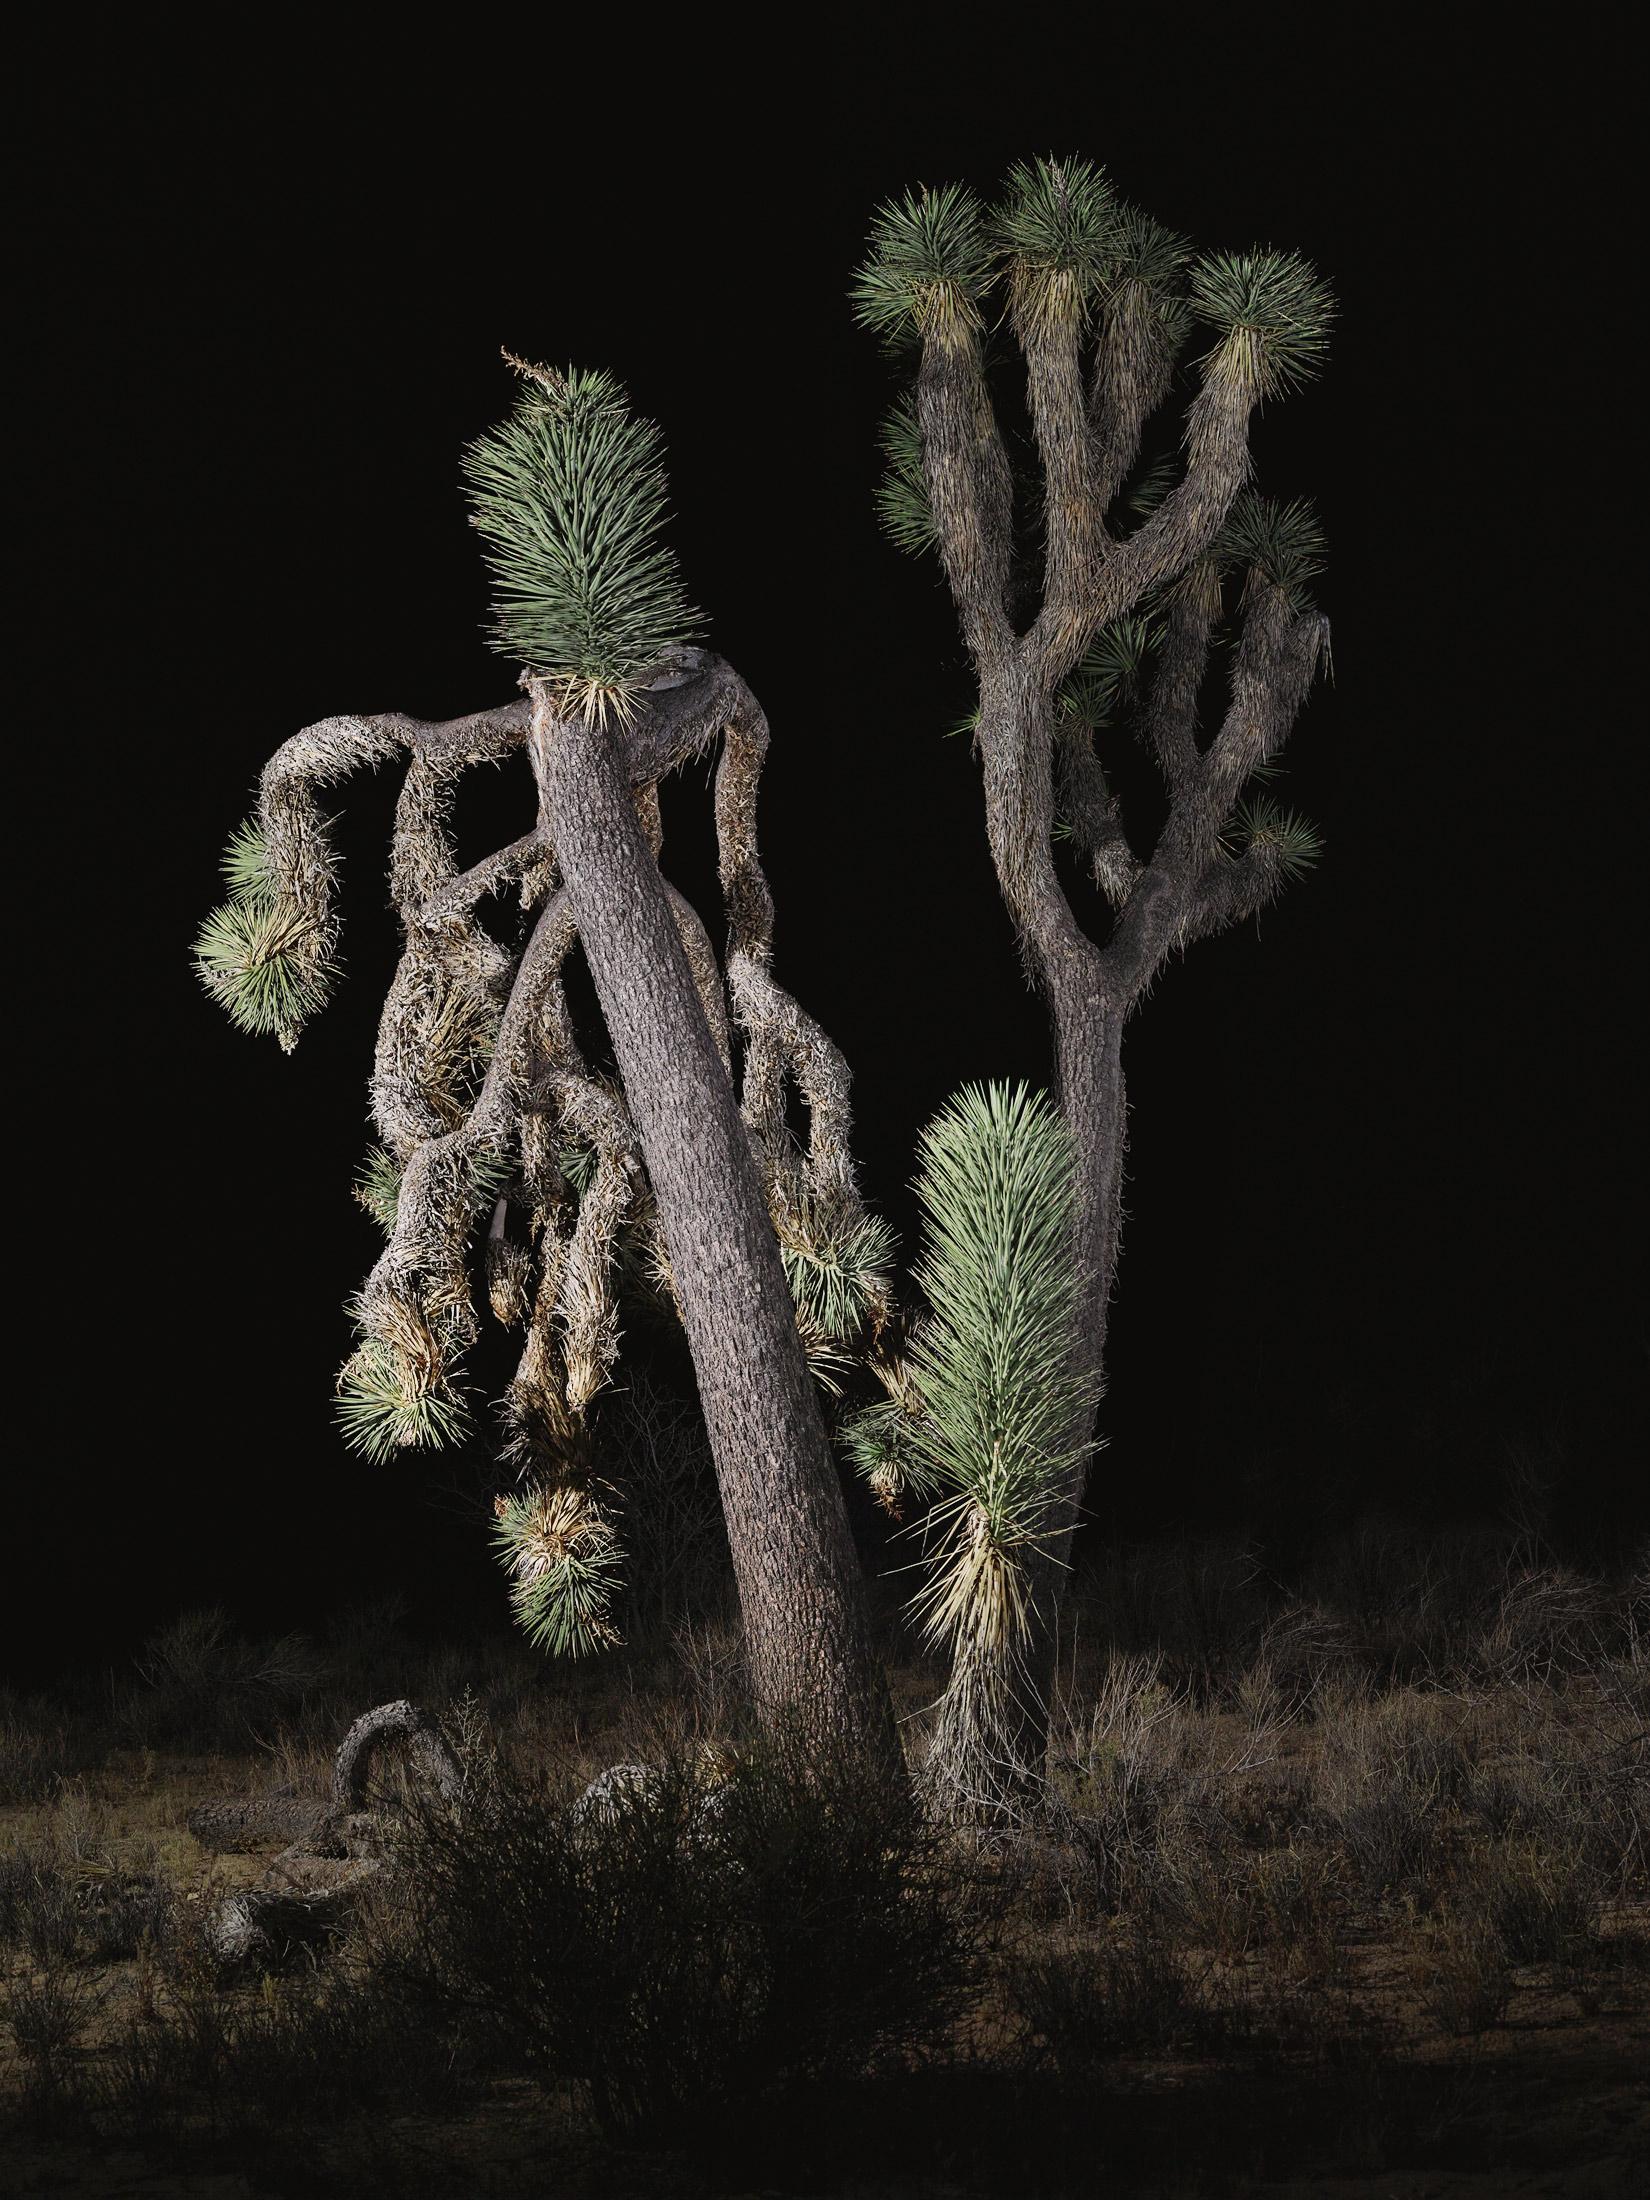 tree #8    70x94 in/180x239cm  1+1AP 60x80 in/152x203cm  2+1AP 45x60 in/114x152cm  3+1AP 30x40 in/75x100cm  5+1AP